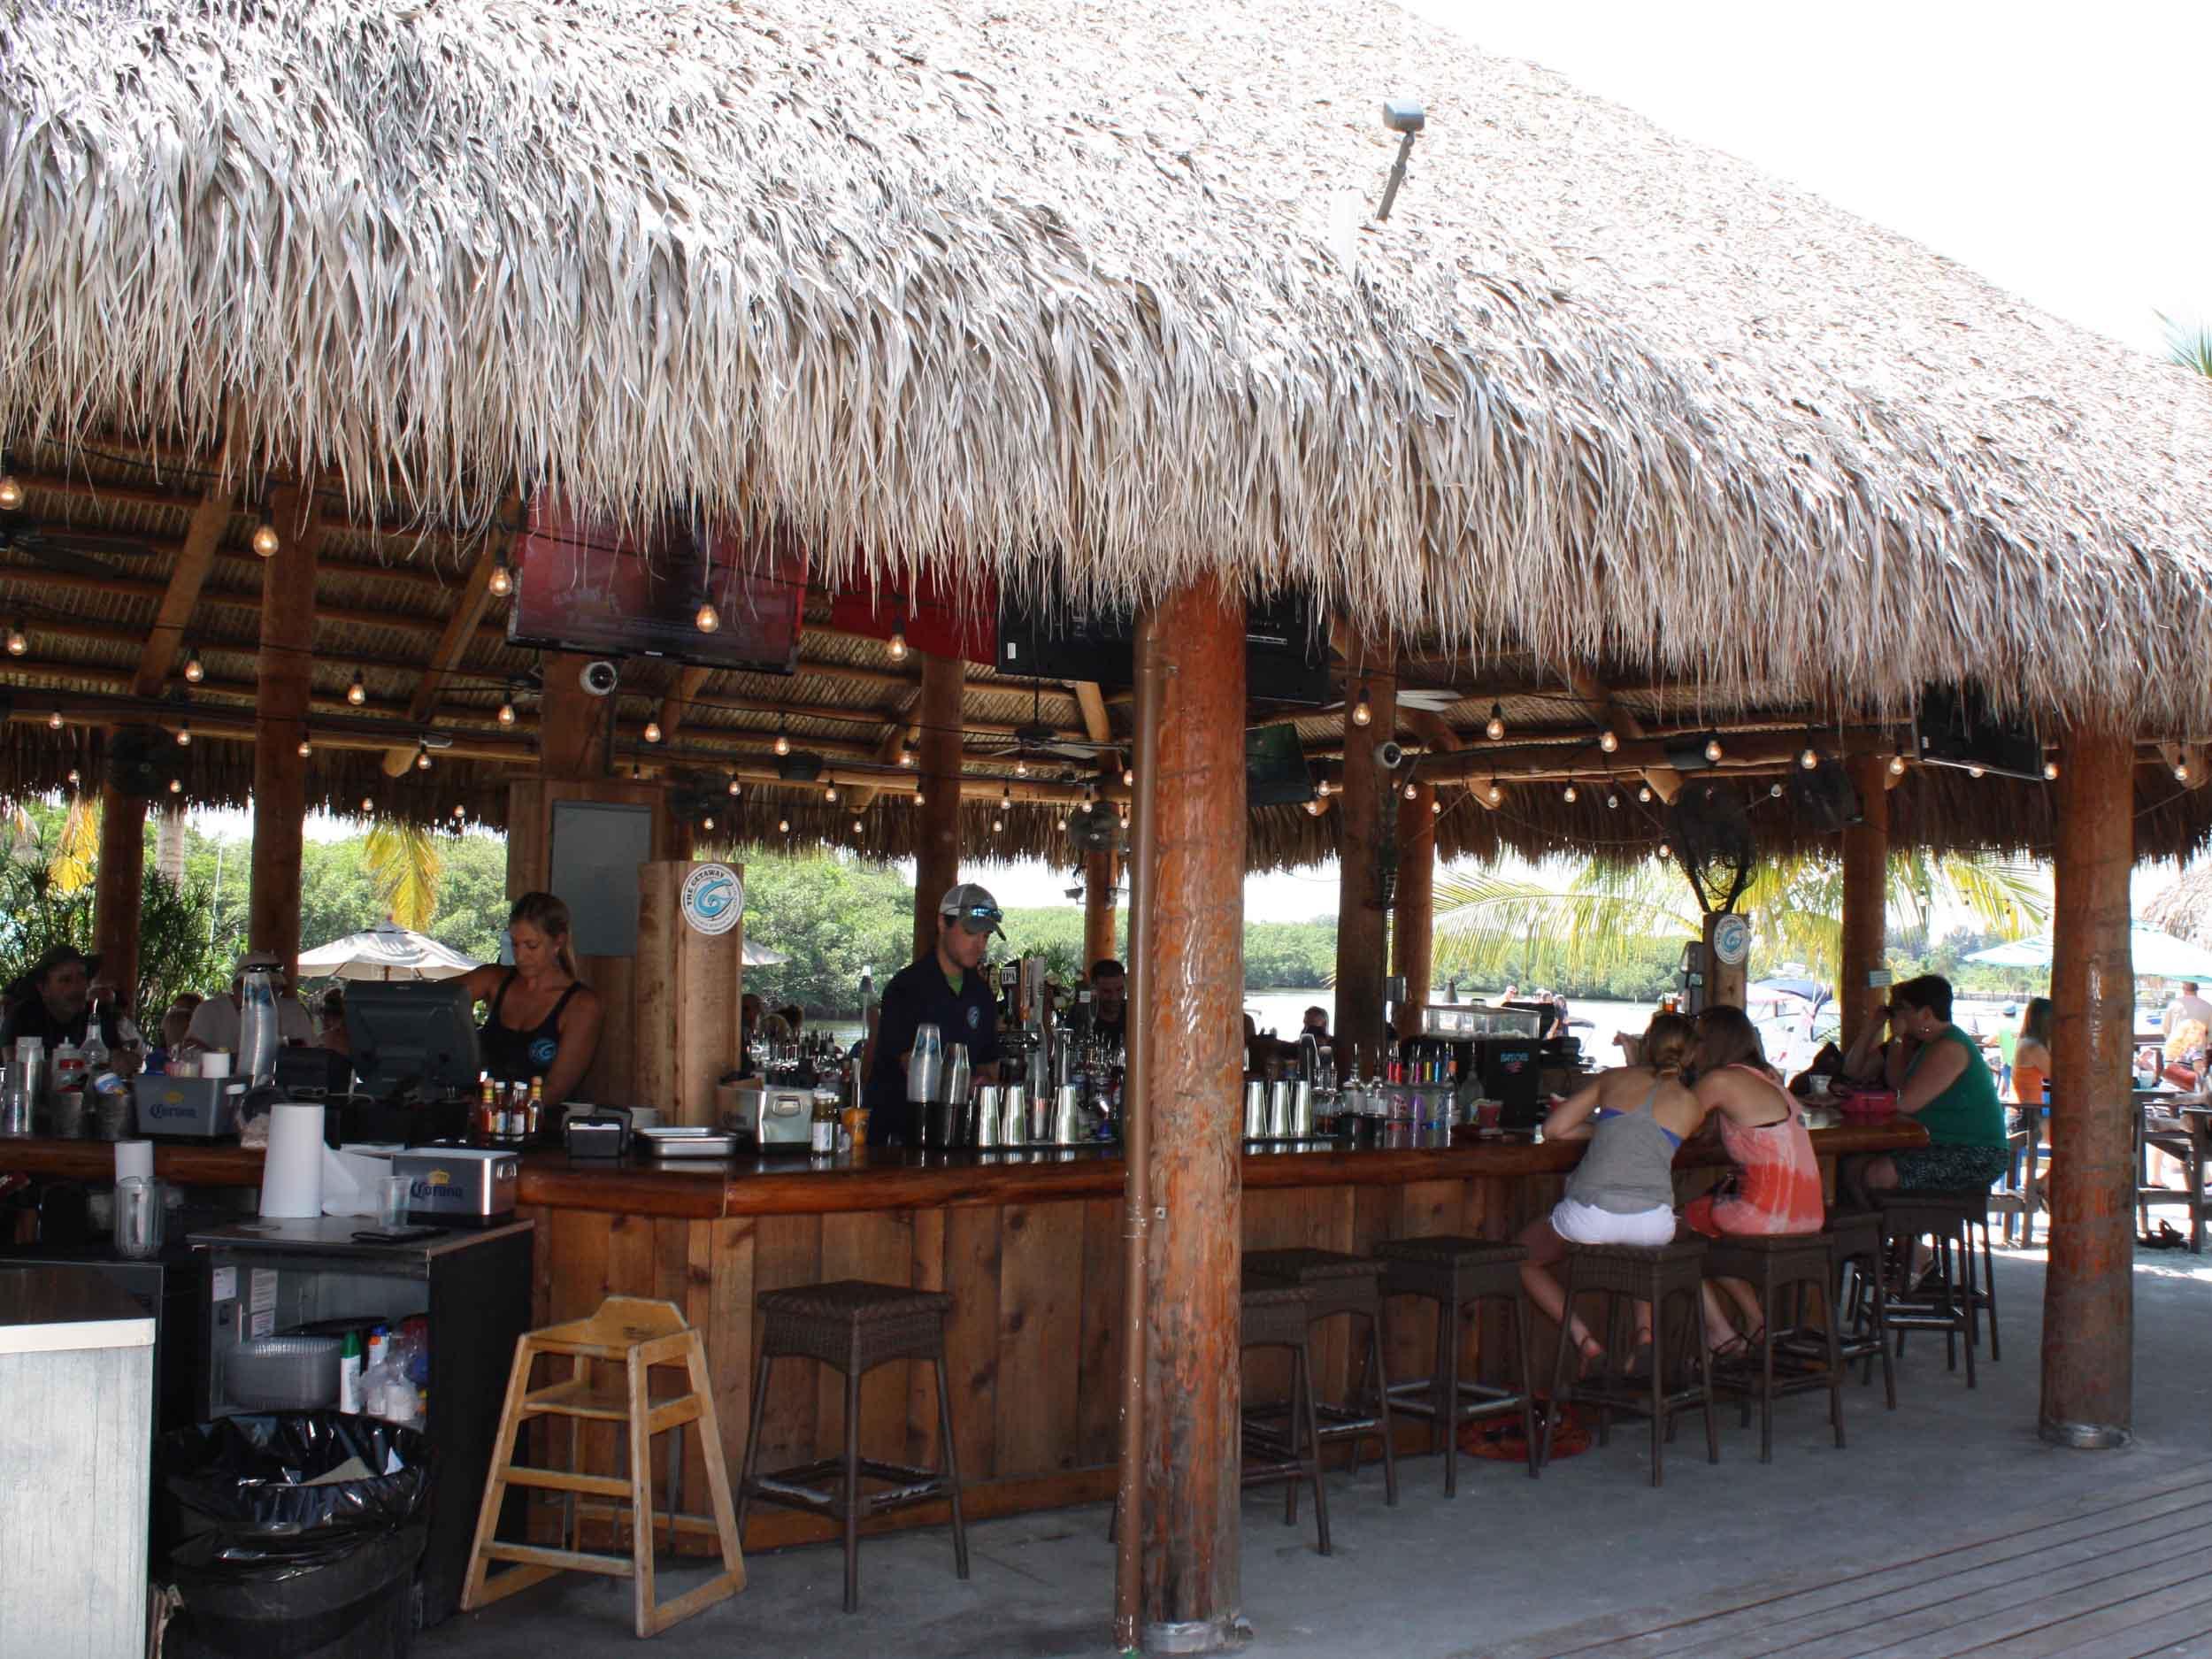 The Getaway Tiki Bar